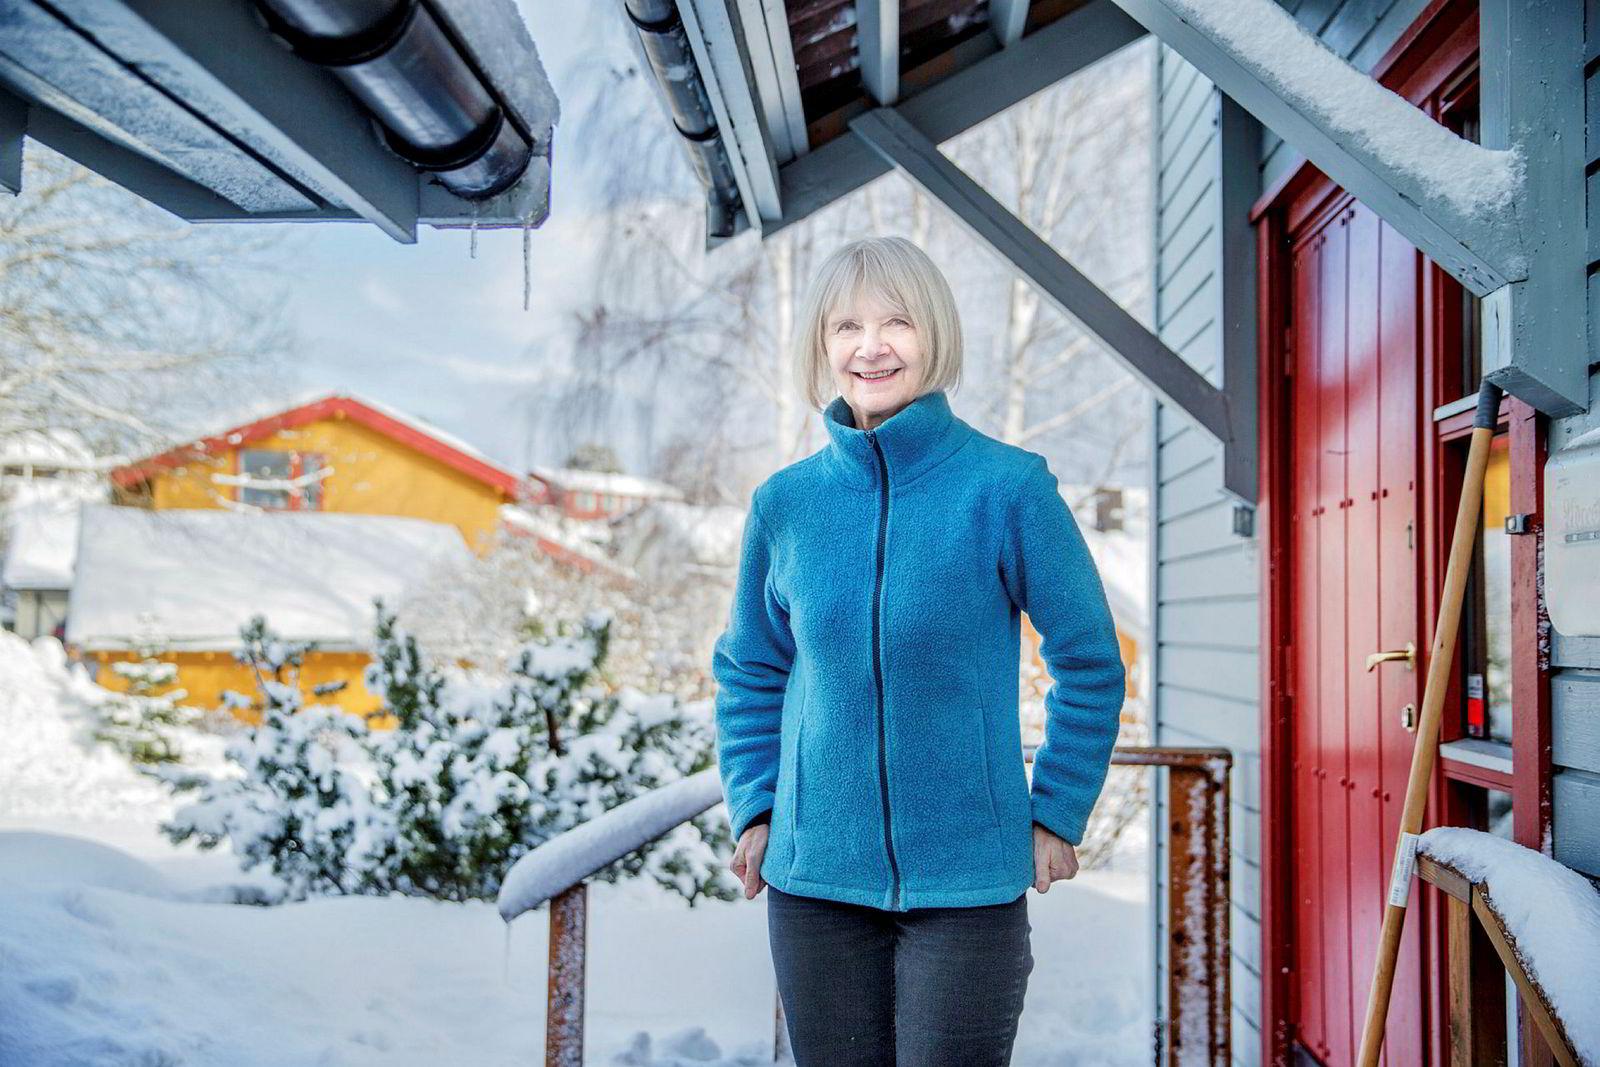 Professor Berit Brandth har blant annet undersøkt hva som skjer dersom far og mor er hjemme i permisjon samtidig. Hun fant ut at da er mor sjefen, mens far hjelper til.